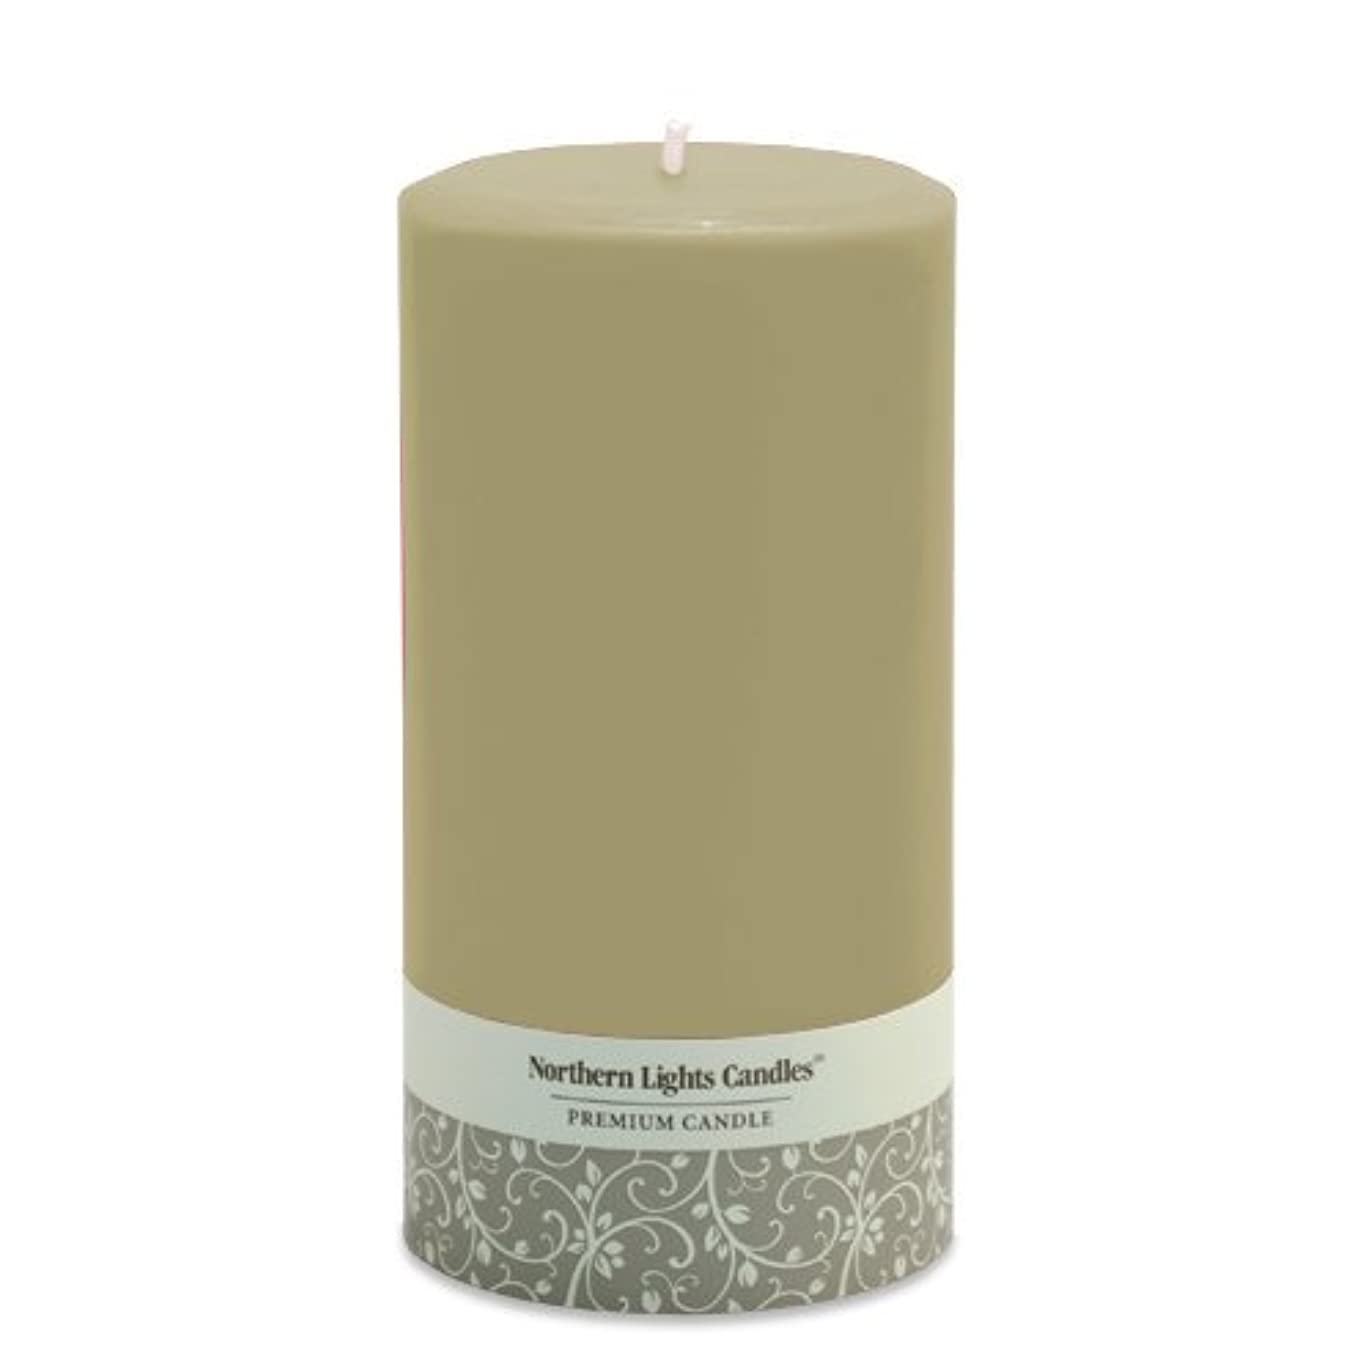 うがいリムアカデミックNorthern Lights Candles Fragrance Free Pillar Candle, 3 by 6-Inch, Sand [並行輸入品]